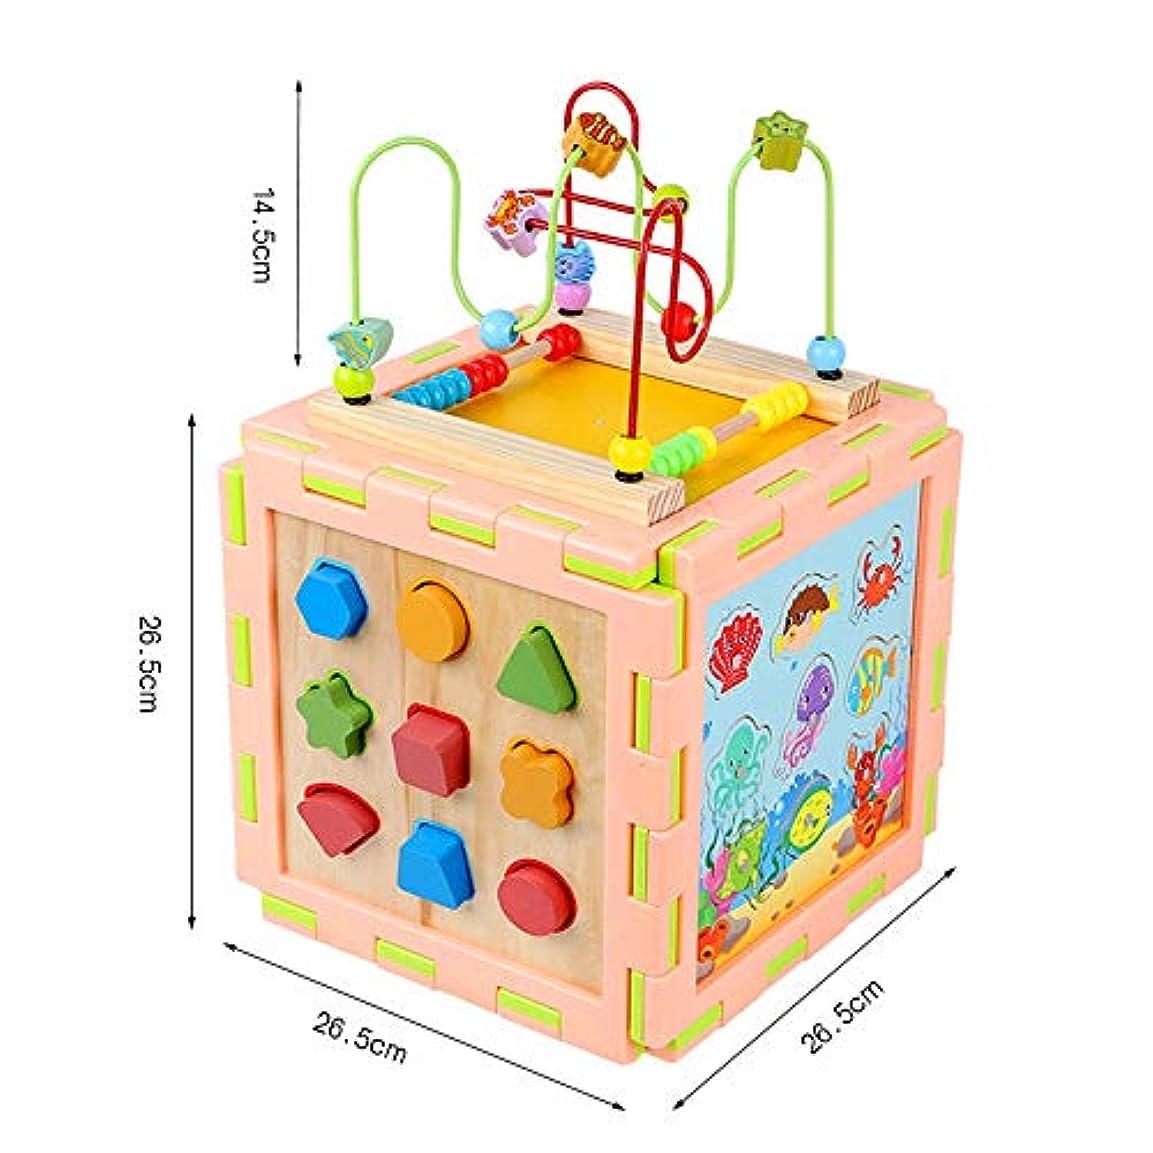 シエスタ楽しませるストレッチビーズコースター ルーピング おもちゃ ビーズ迷路で活動キューブ - 赤ちゃん活動キューブシェイプソーター、そろばん計数ビーズ、カウントが含まれています 男の子 女の子 誕生日のプレゼント 赤ちゃん おもちゃ (Color : Multi-colored, Size : Free size)